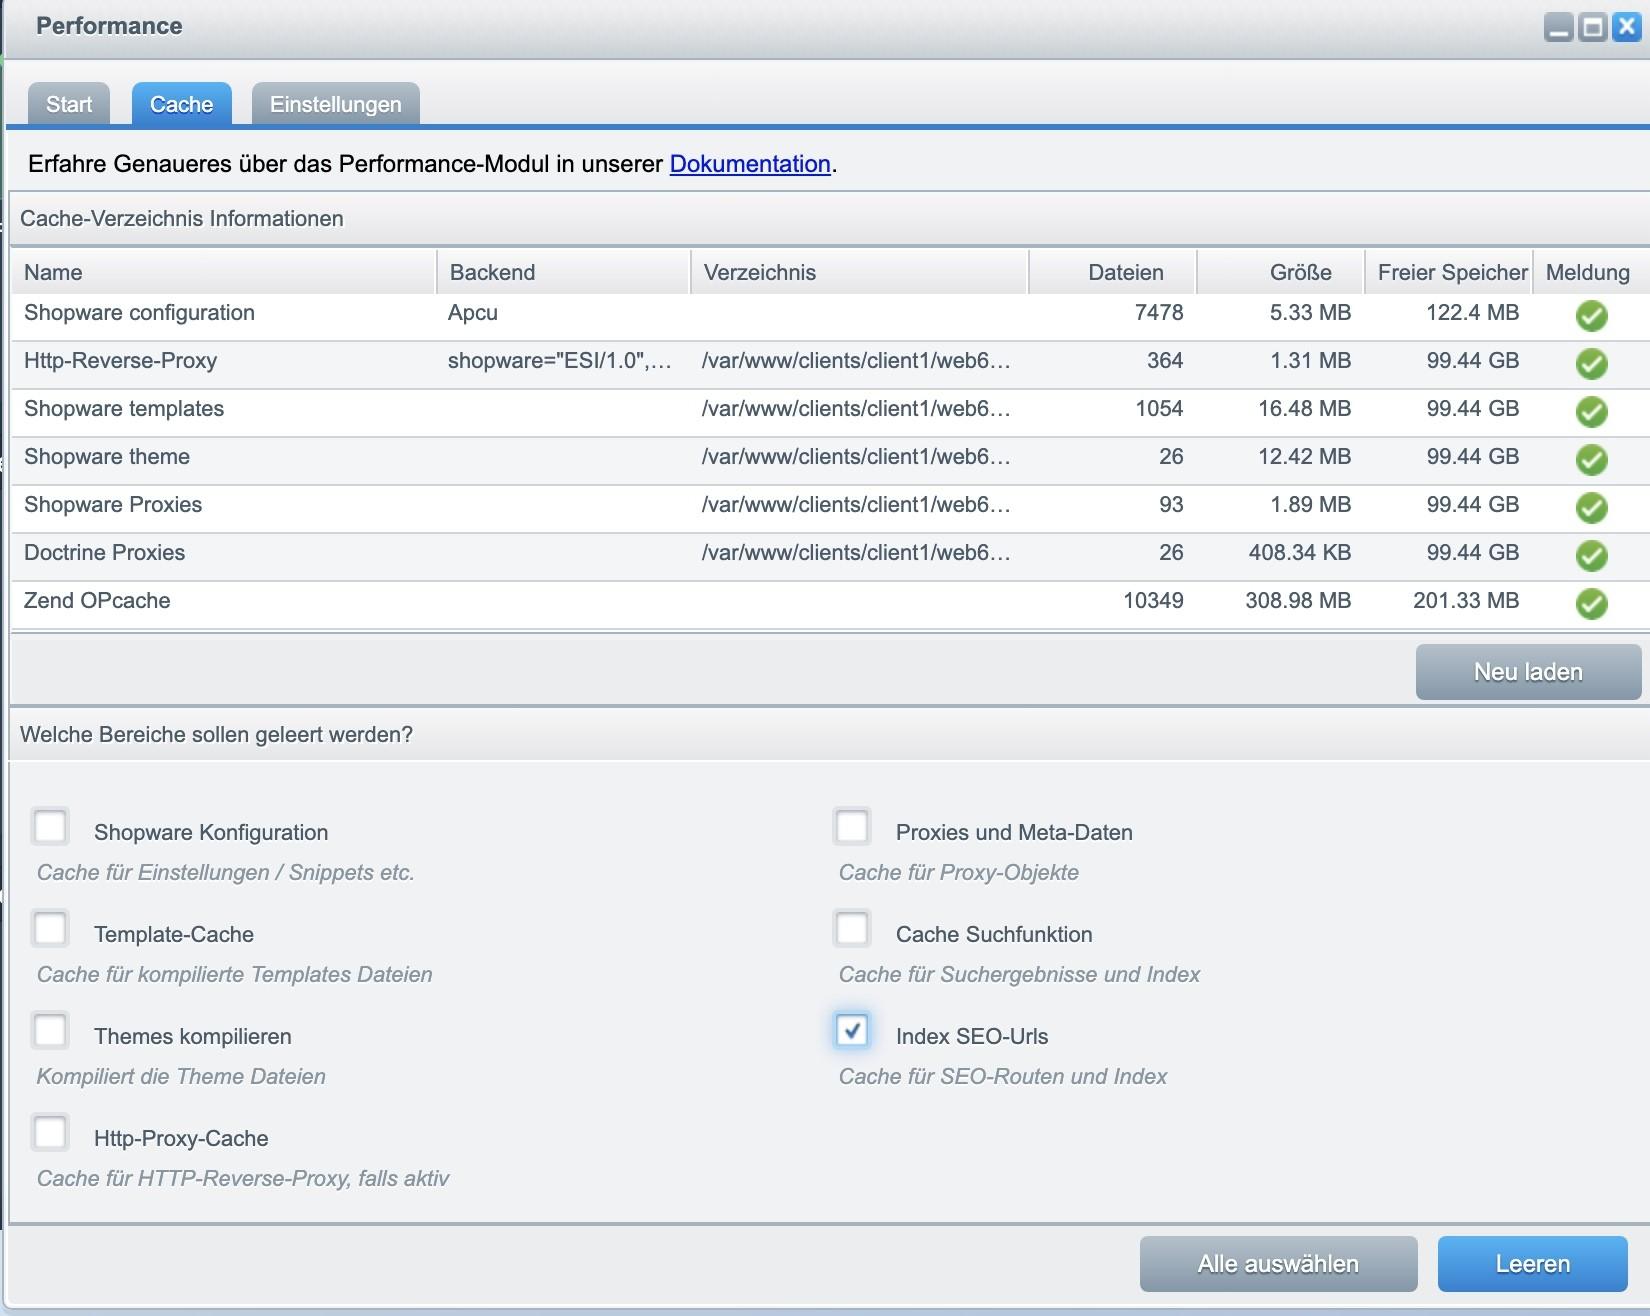 SEO und Social Marketing Automatisierung für Shopware 6 - URL Cache löschen